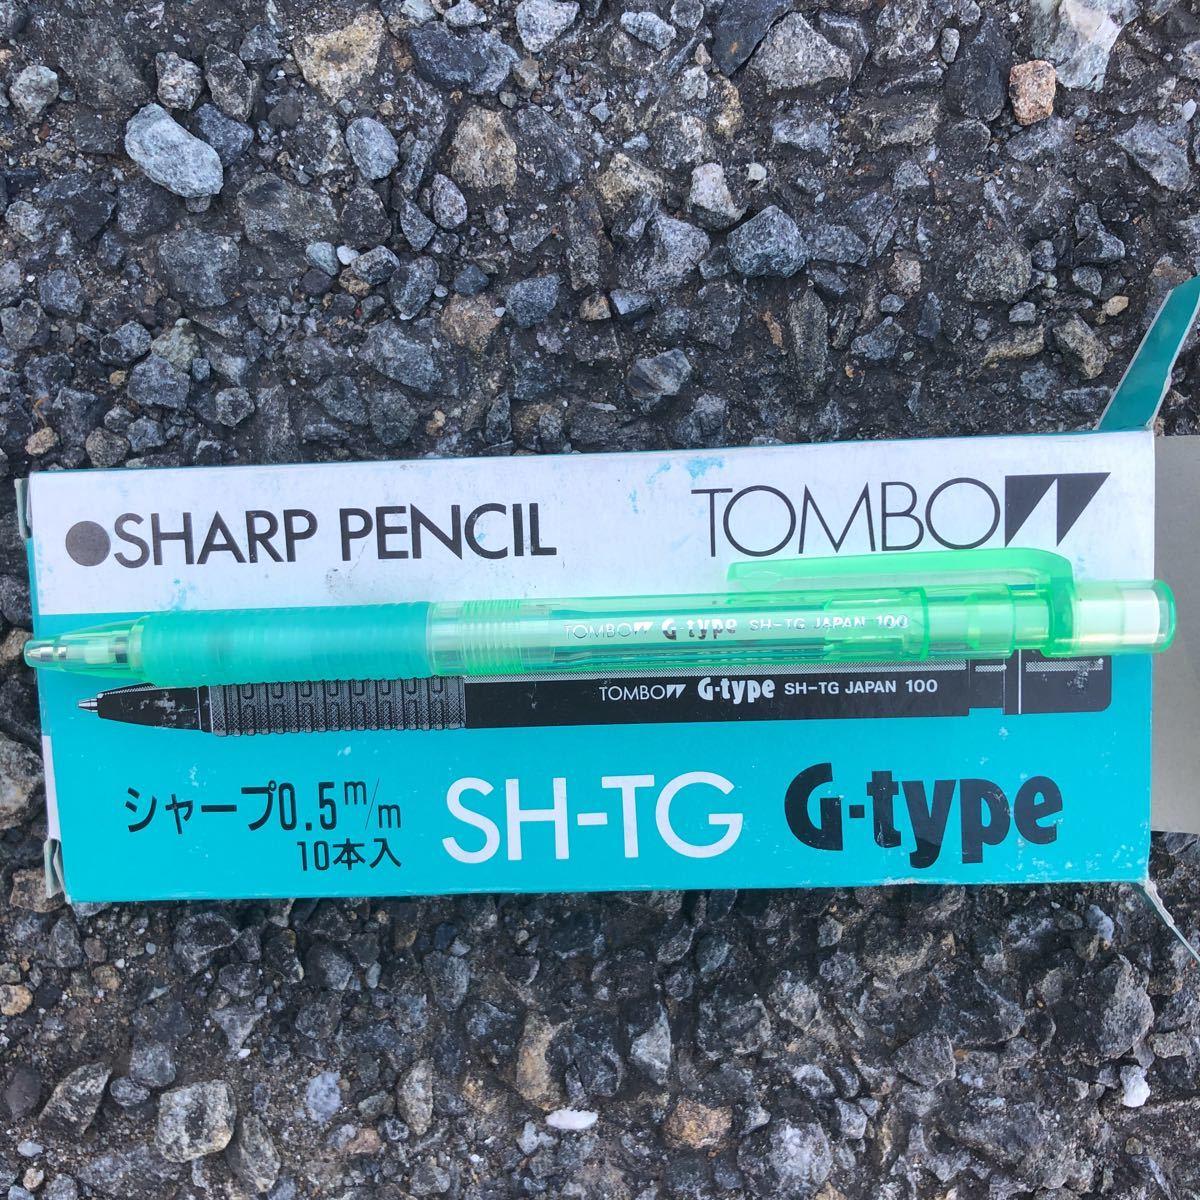 送料無料【未使用】トンボ鉛筆 SH-TG G-type 廃盤 廃番 5本入 デッドストック シャープペンシル 0.5mm 透明グリーン_画像6